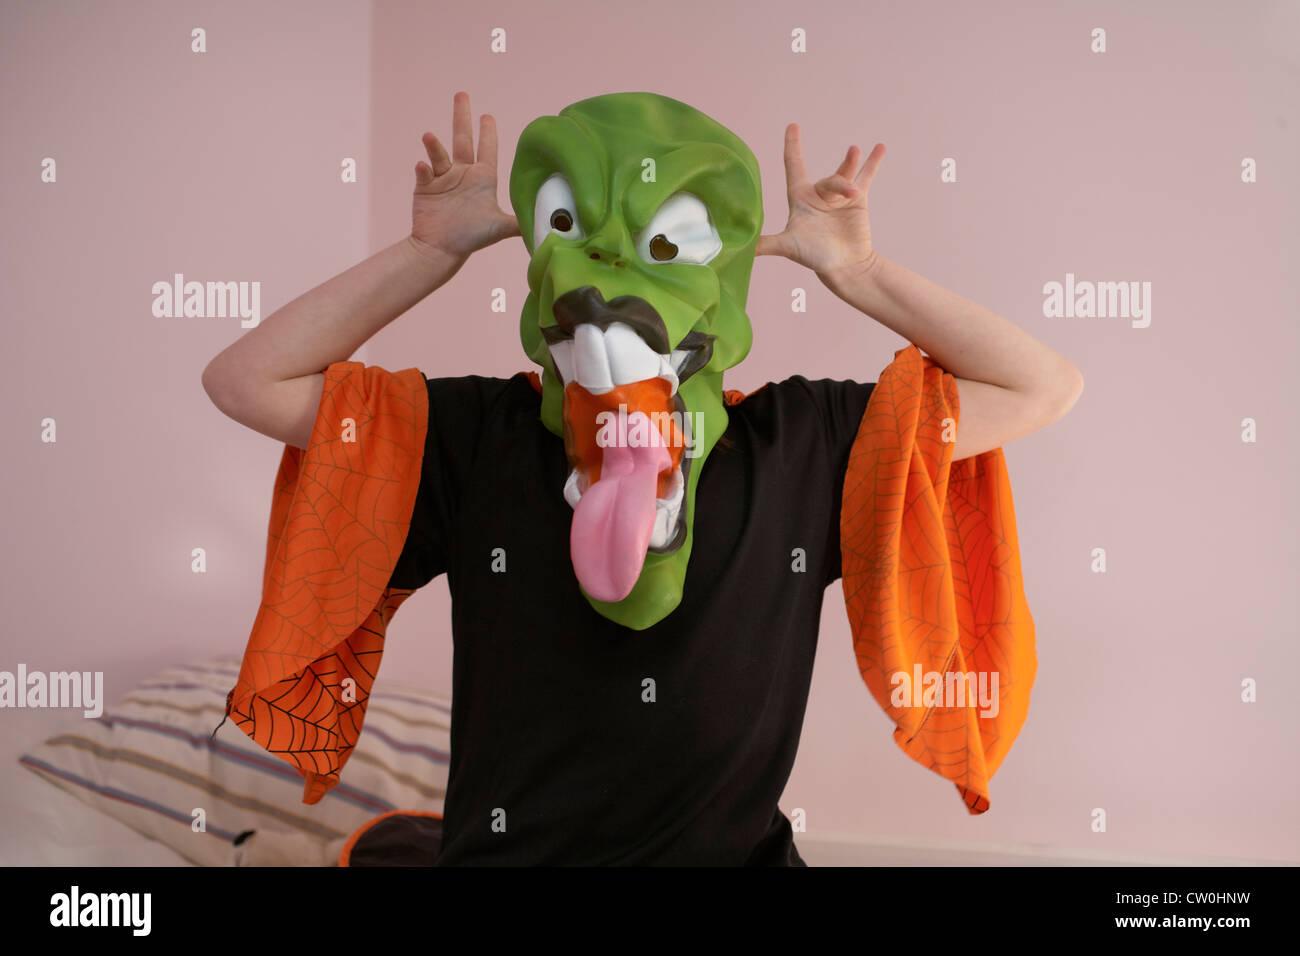 Child grimacing in Halloween costume - Stock Image